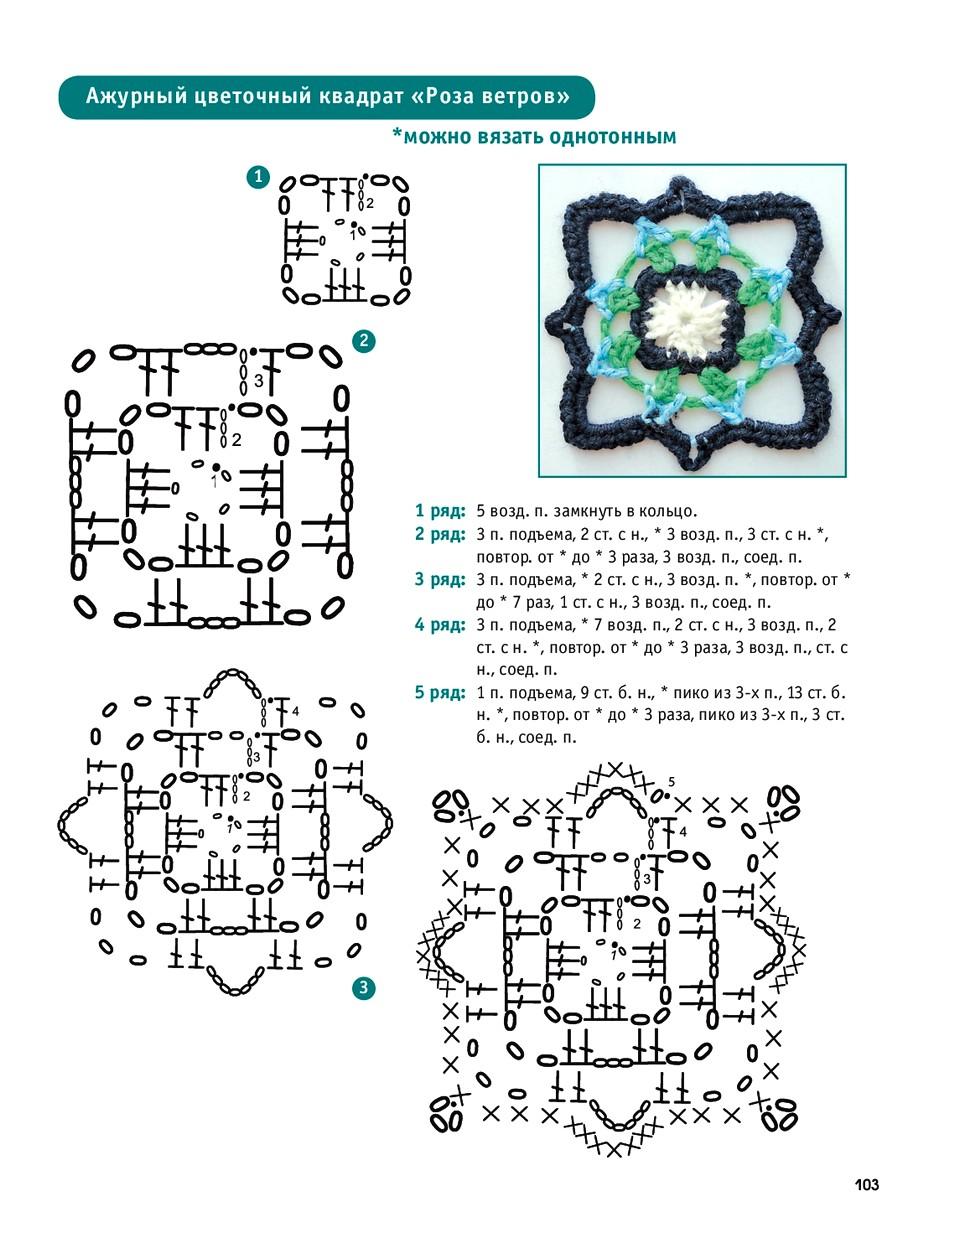 bibliya-vyazaniya-kruchkom-i-spicam-104